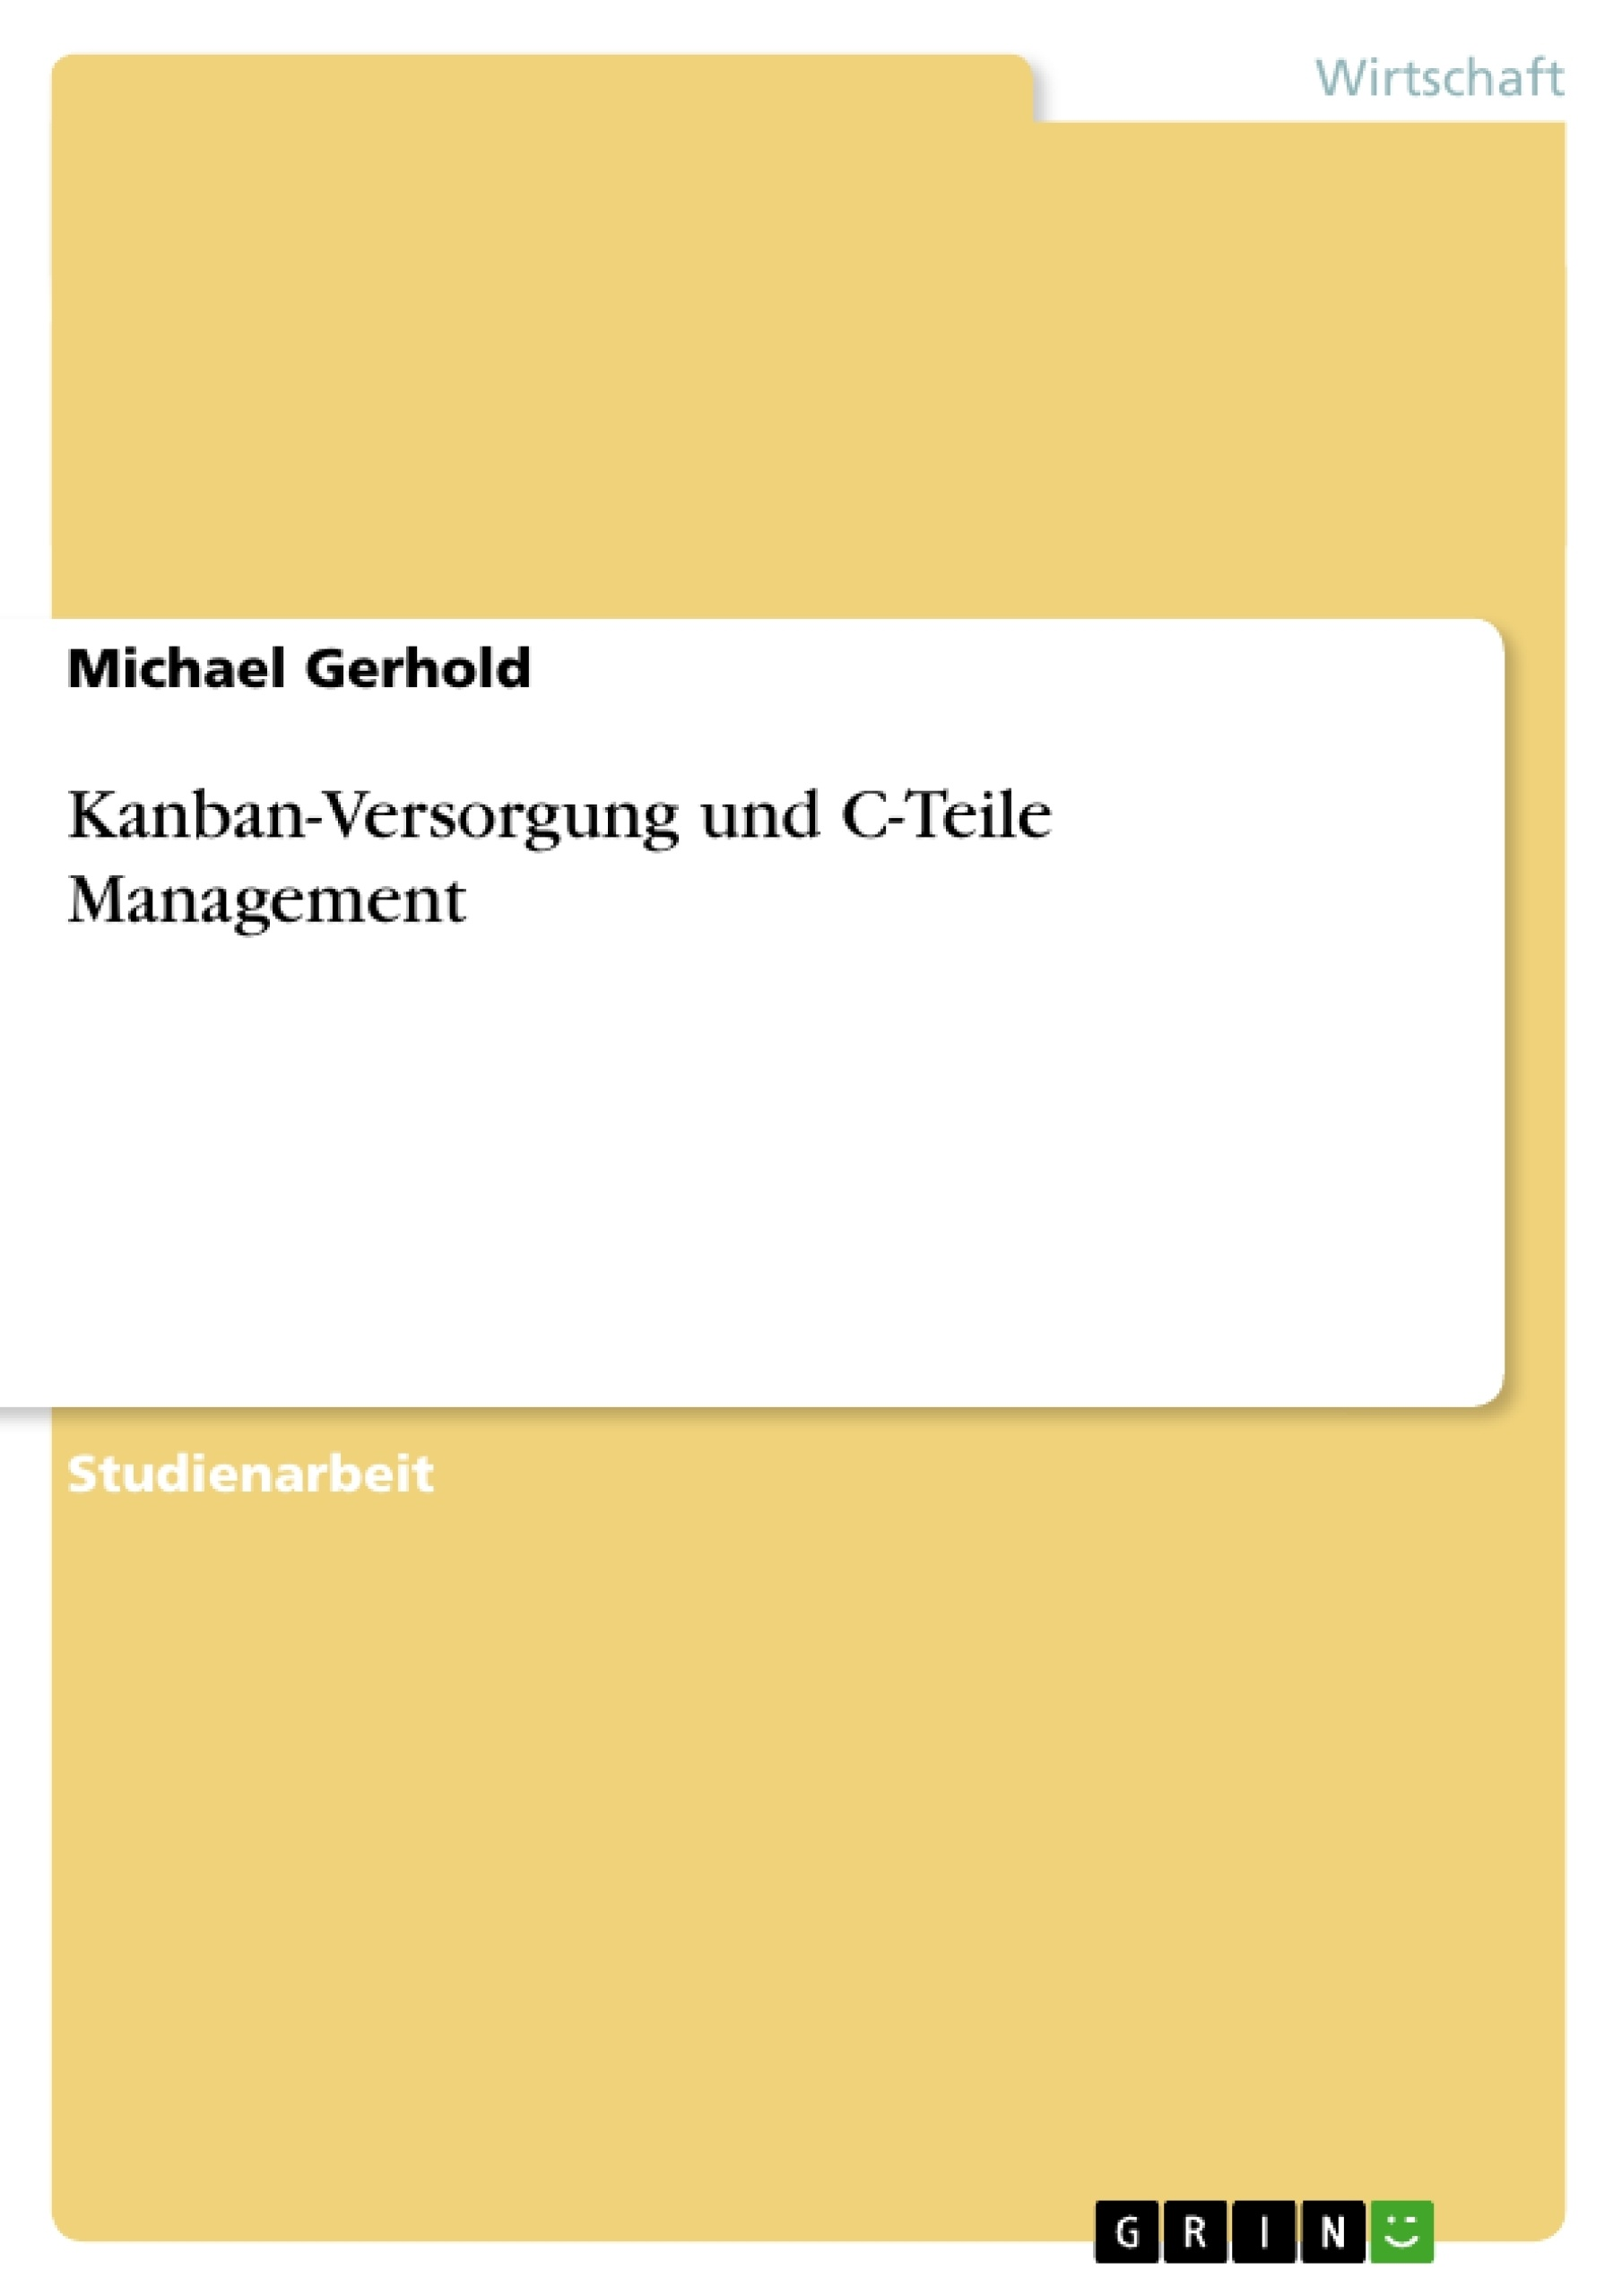 Titel: Kanban-Versorgung und C-Teile Management